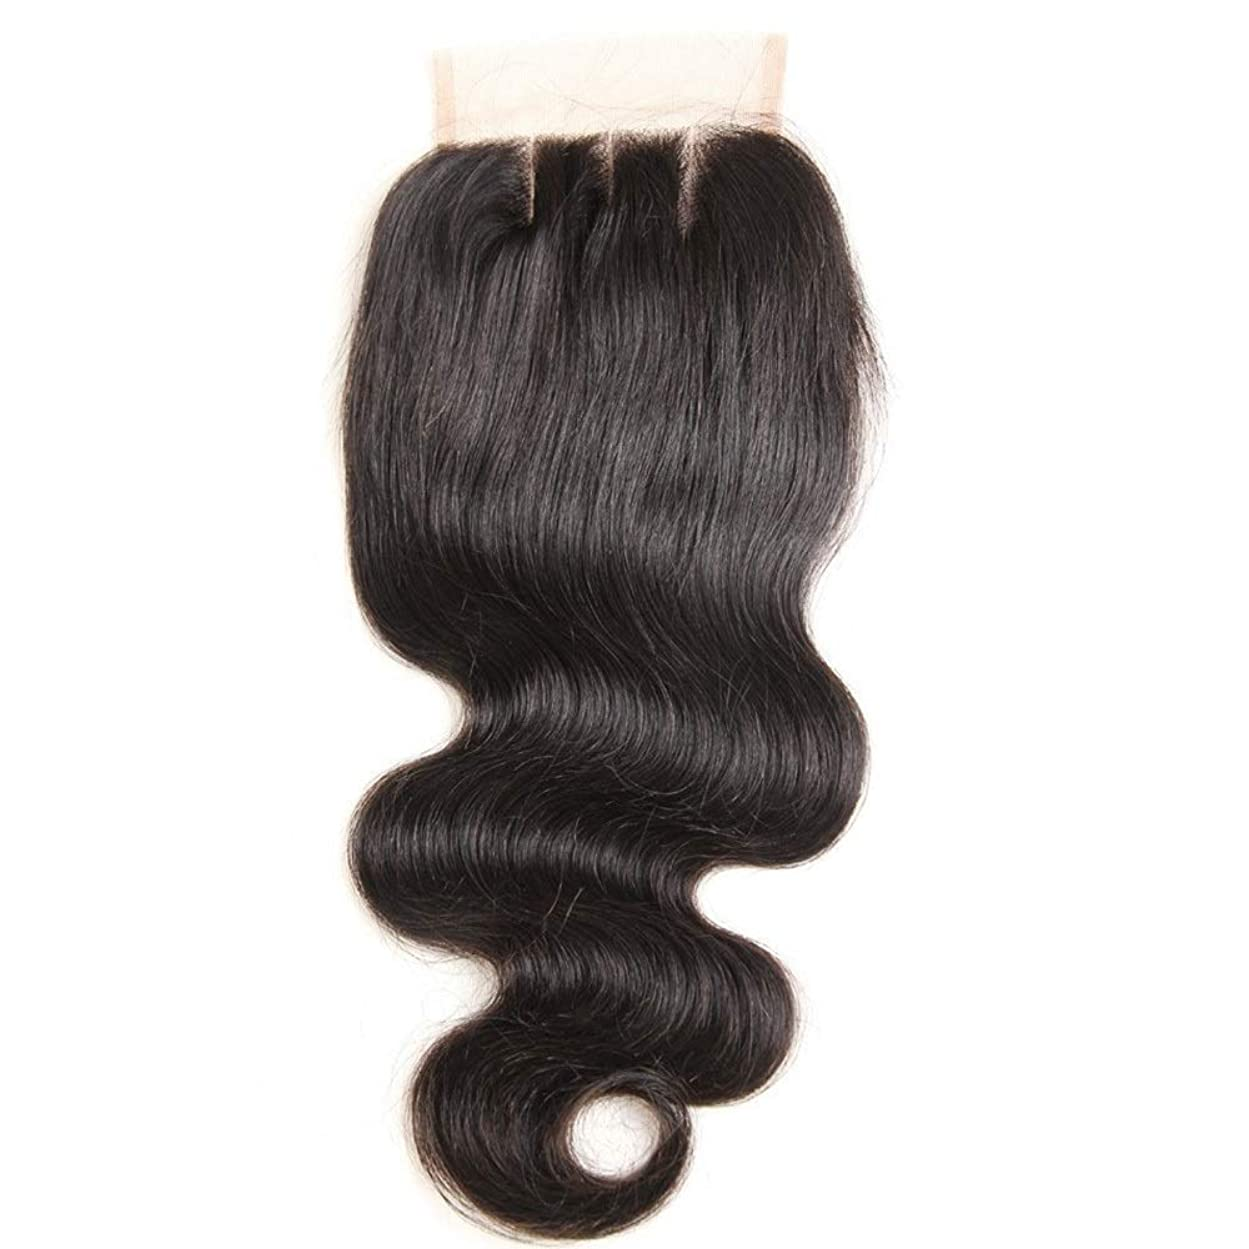 対応保存問い合わせるYESONEEP 耳に耳の前部閉鎖実体波ブラジルの人間の髪の毛4 * 4レース前頭閉鎖3パート用女性ロールプレイングかつら女性の自然なかつら (色 : 黒, サイズ : 20 inch)